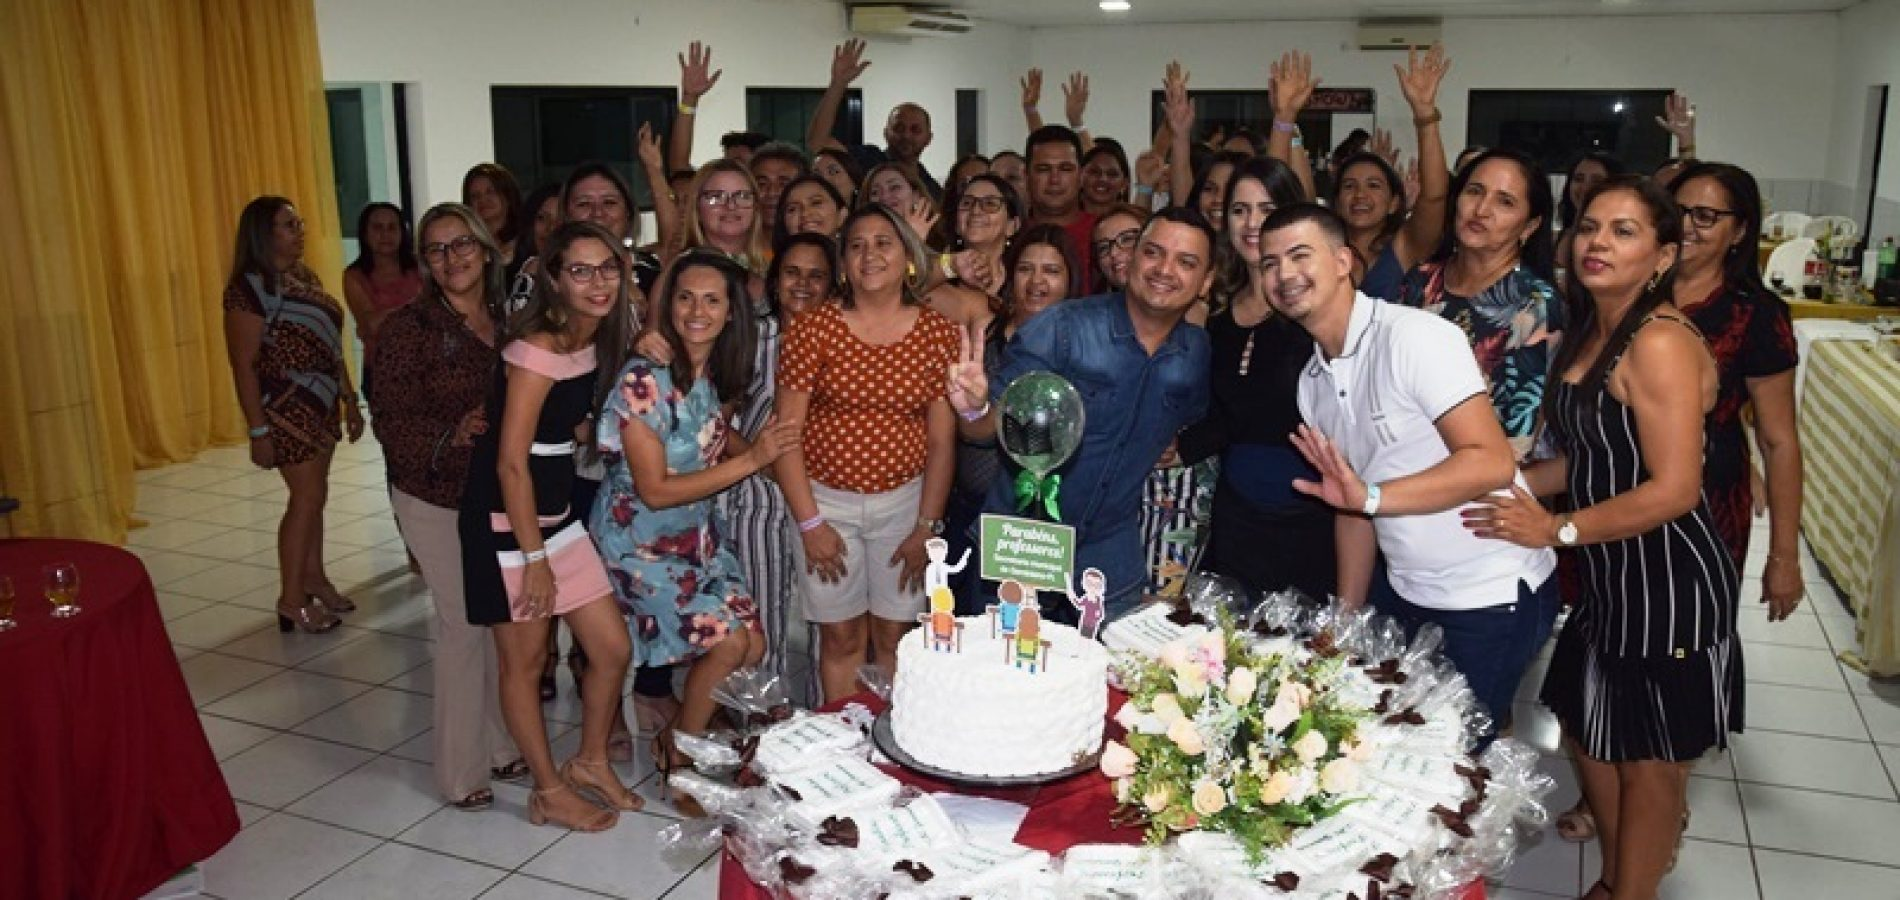 Educação de Geminiano promove jantar para comemorar o Dia do Professor com docentes